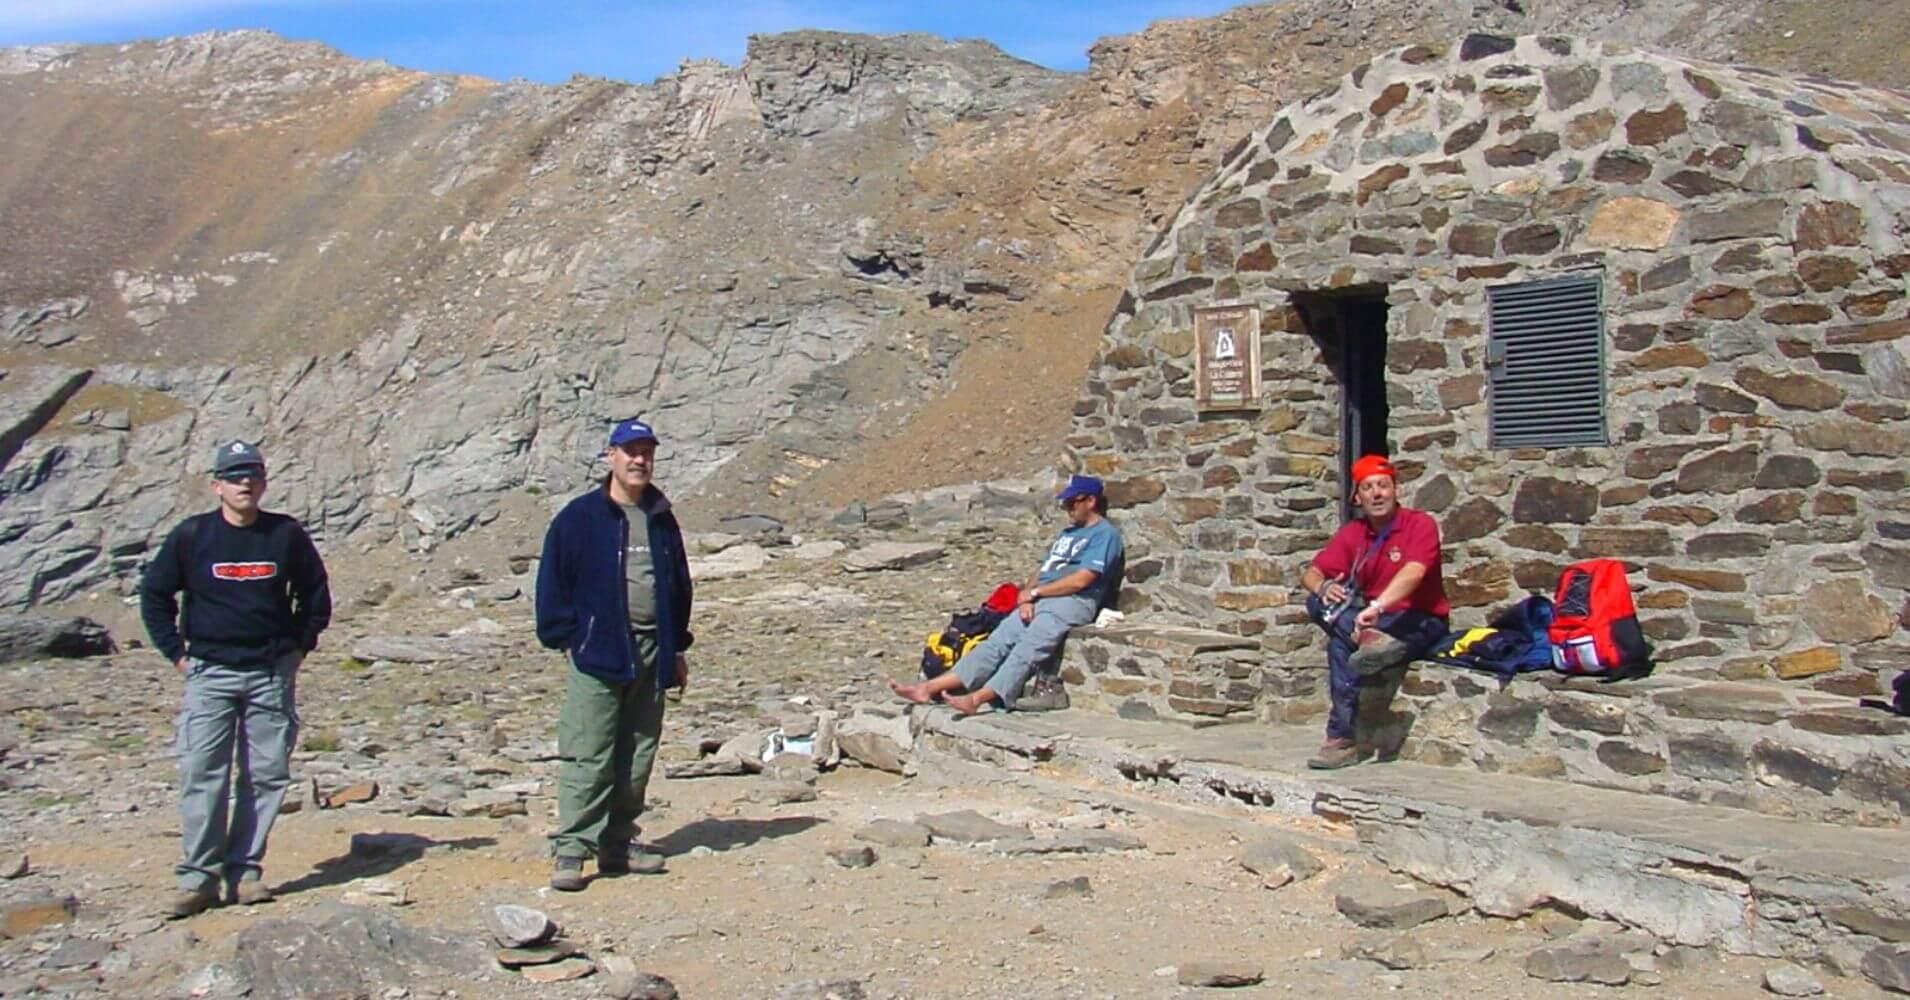 Refugio de la Caldera. Parque Nacional de Sierra Nevada. Granada. Andalucía.